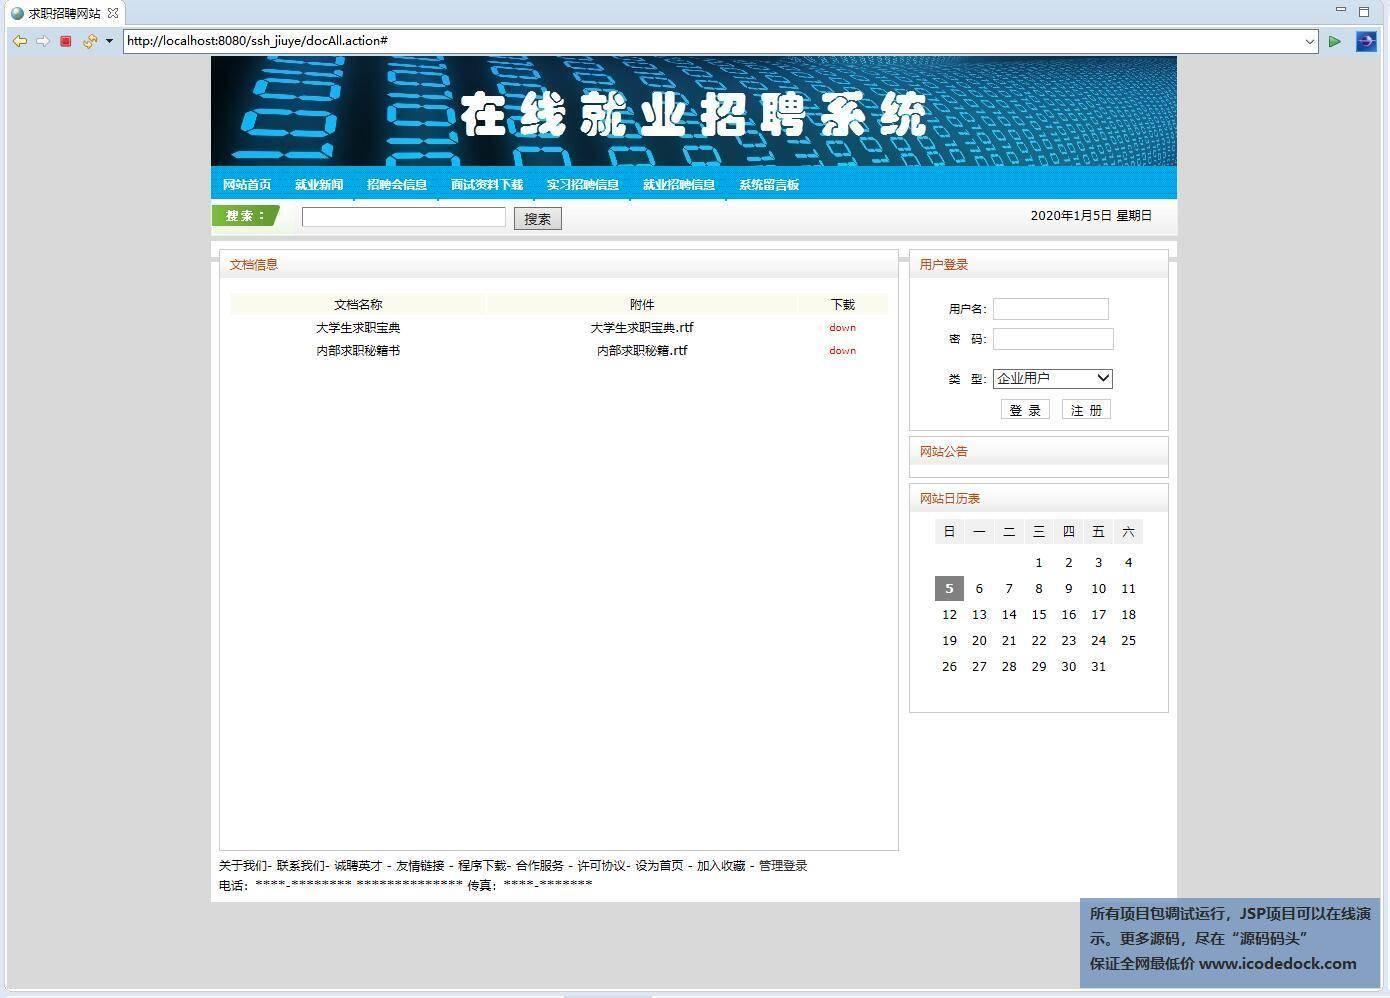 源码码头-SSH求职招聘网站-用户角色-面试资料下载